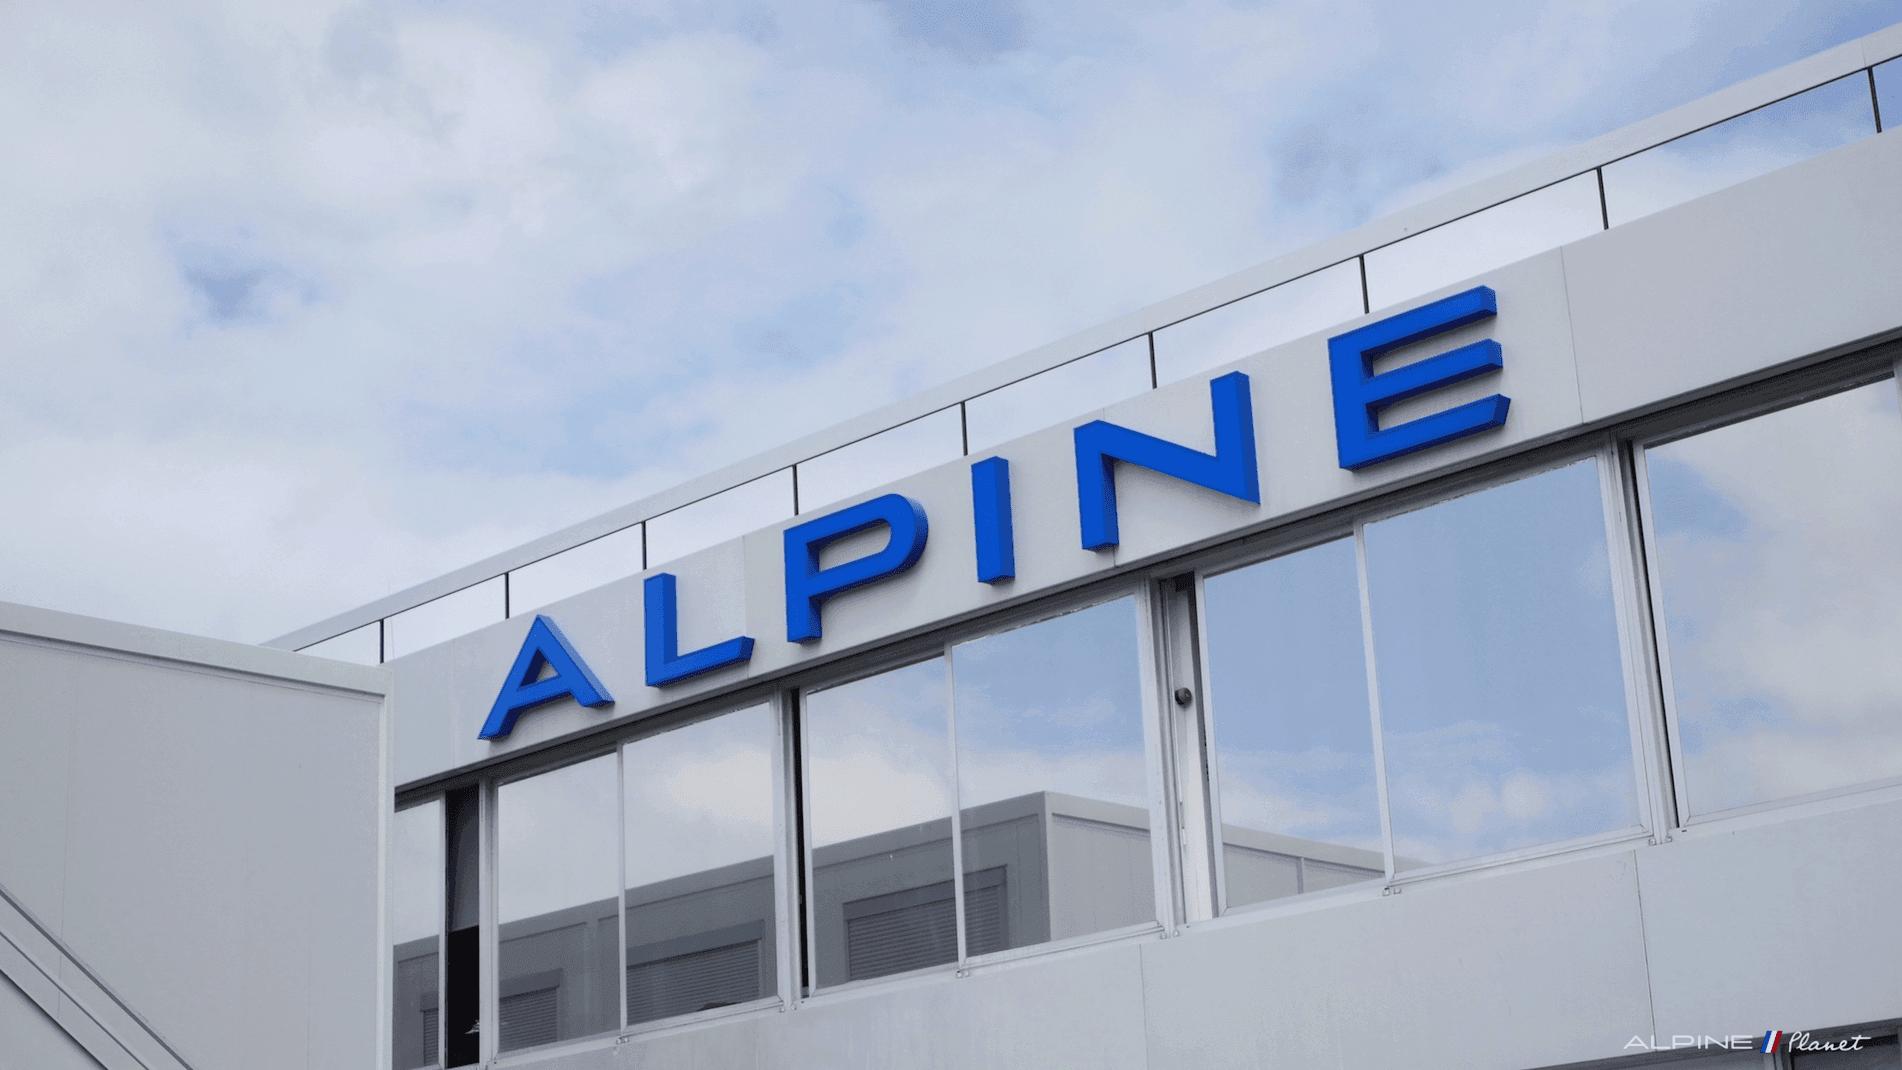 Alpine Planet Visite Usine Dieppe 2018 A110 Berlinette Andrieux 87 | Usine Alpine de Dieppe: au coeur de la fabrication de l'A110 !